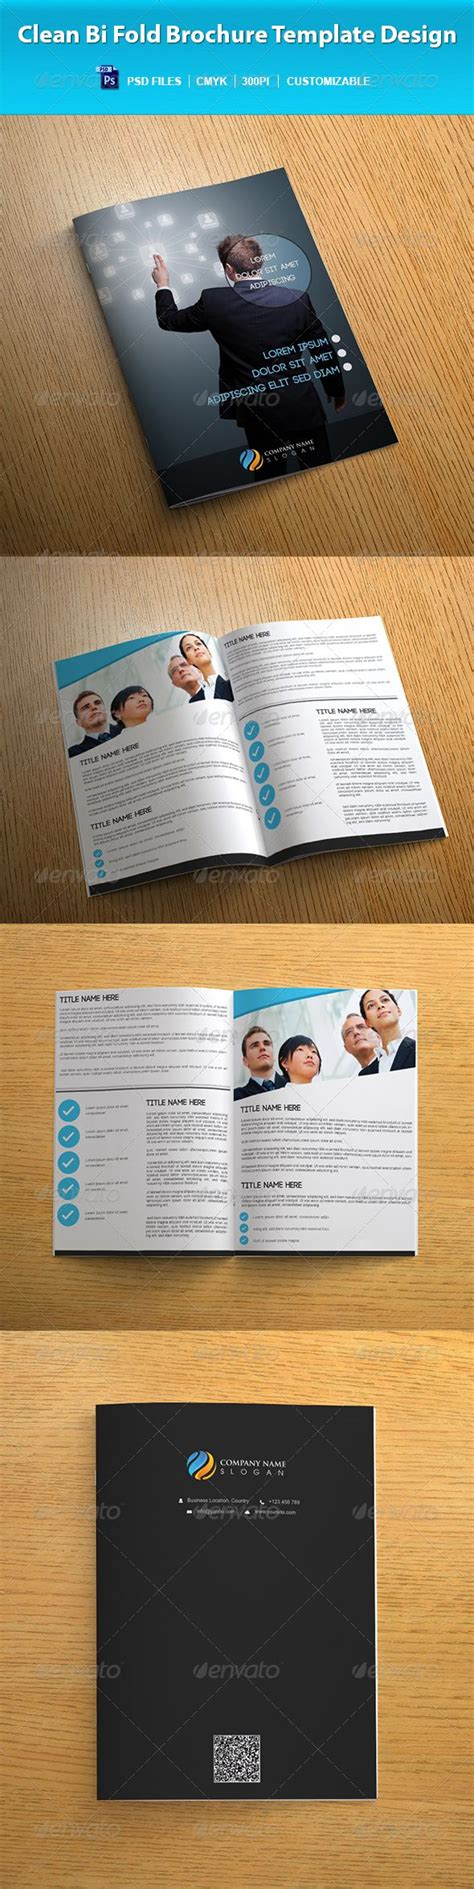 bi fold brochure template illustrator les 25 meilleures id 233 es de la cat 233 gorie tri fold brochure